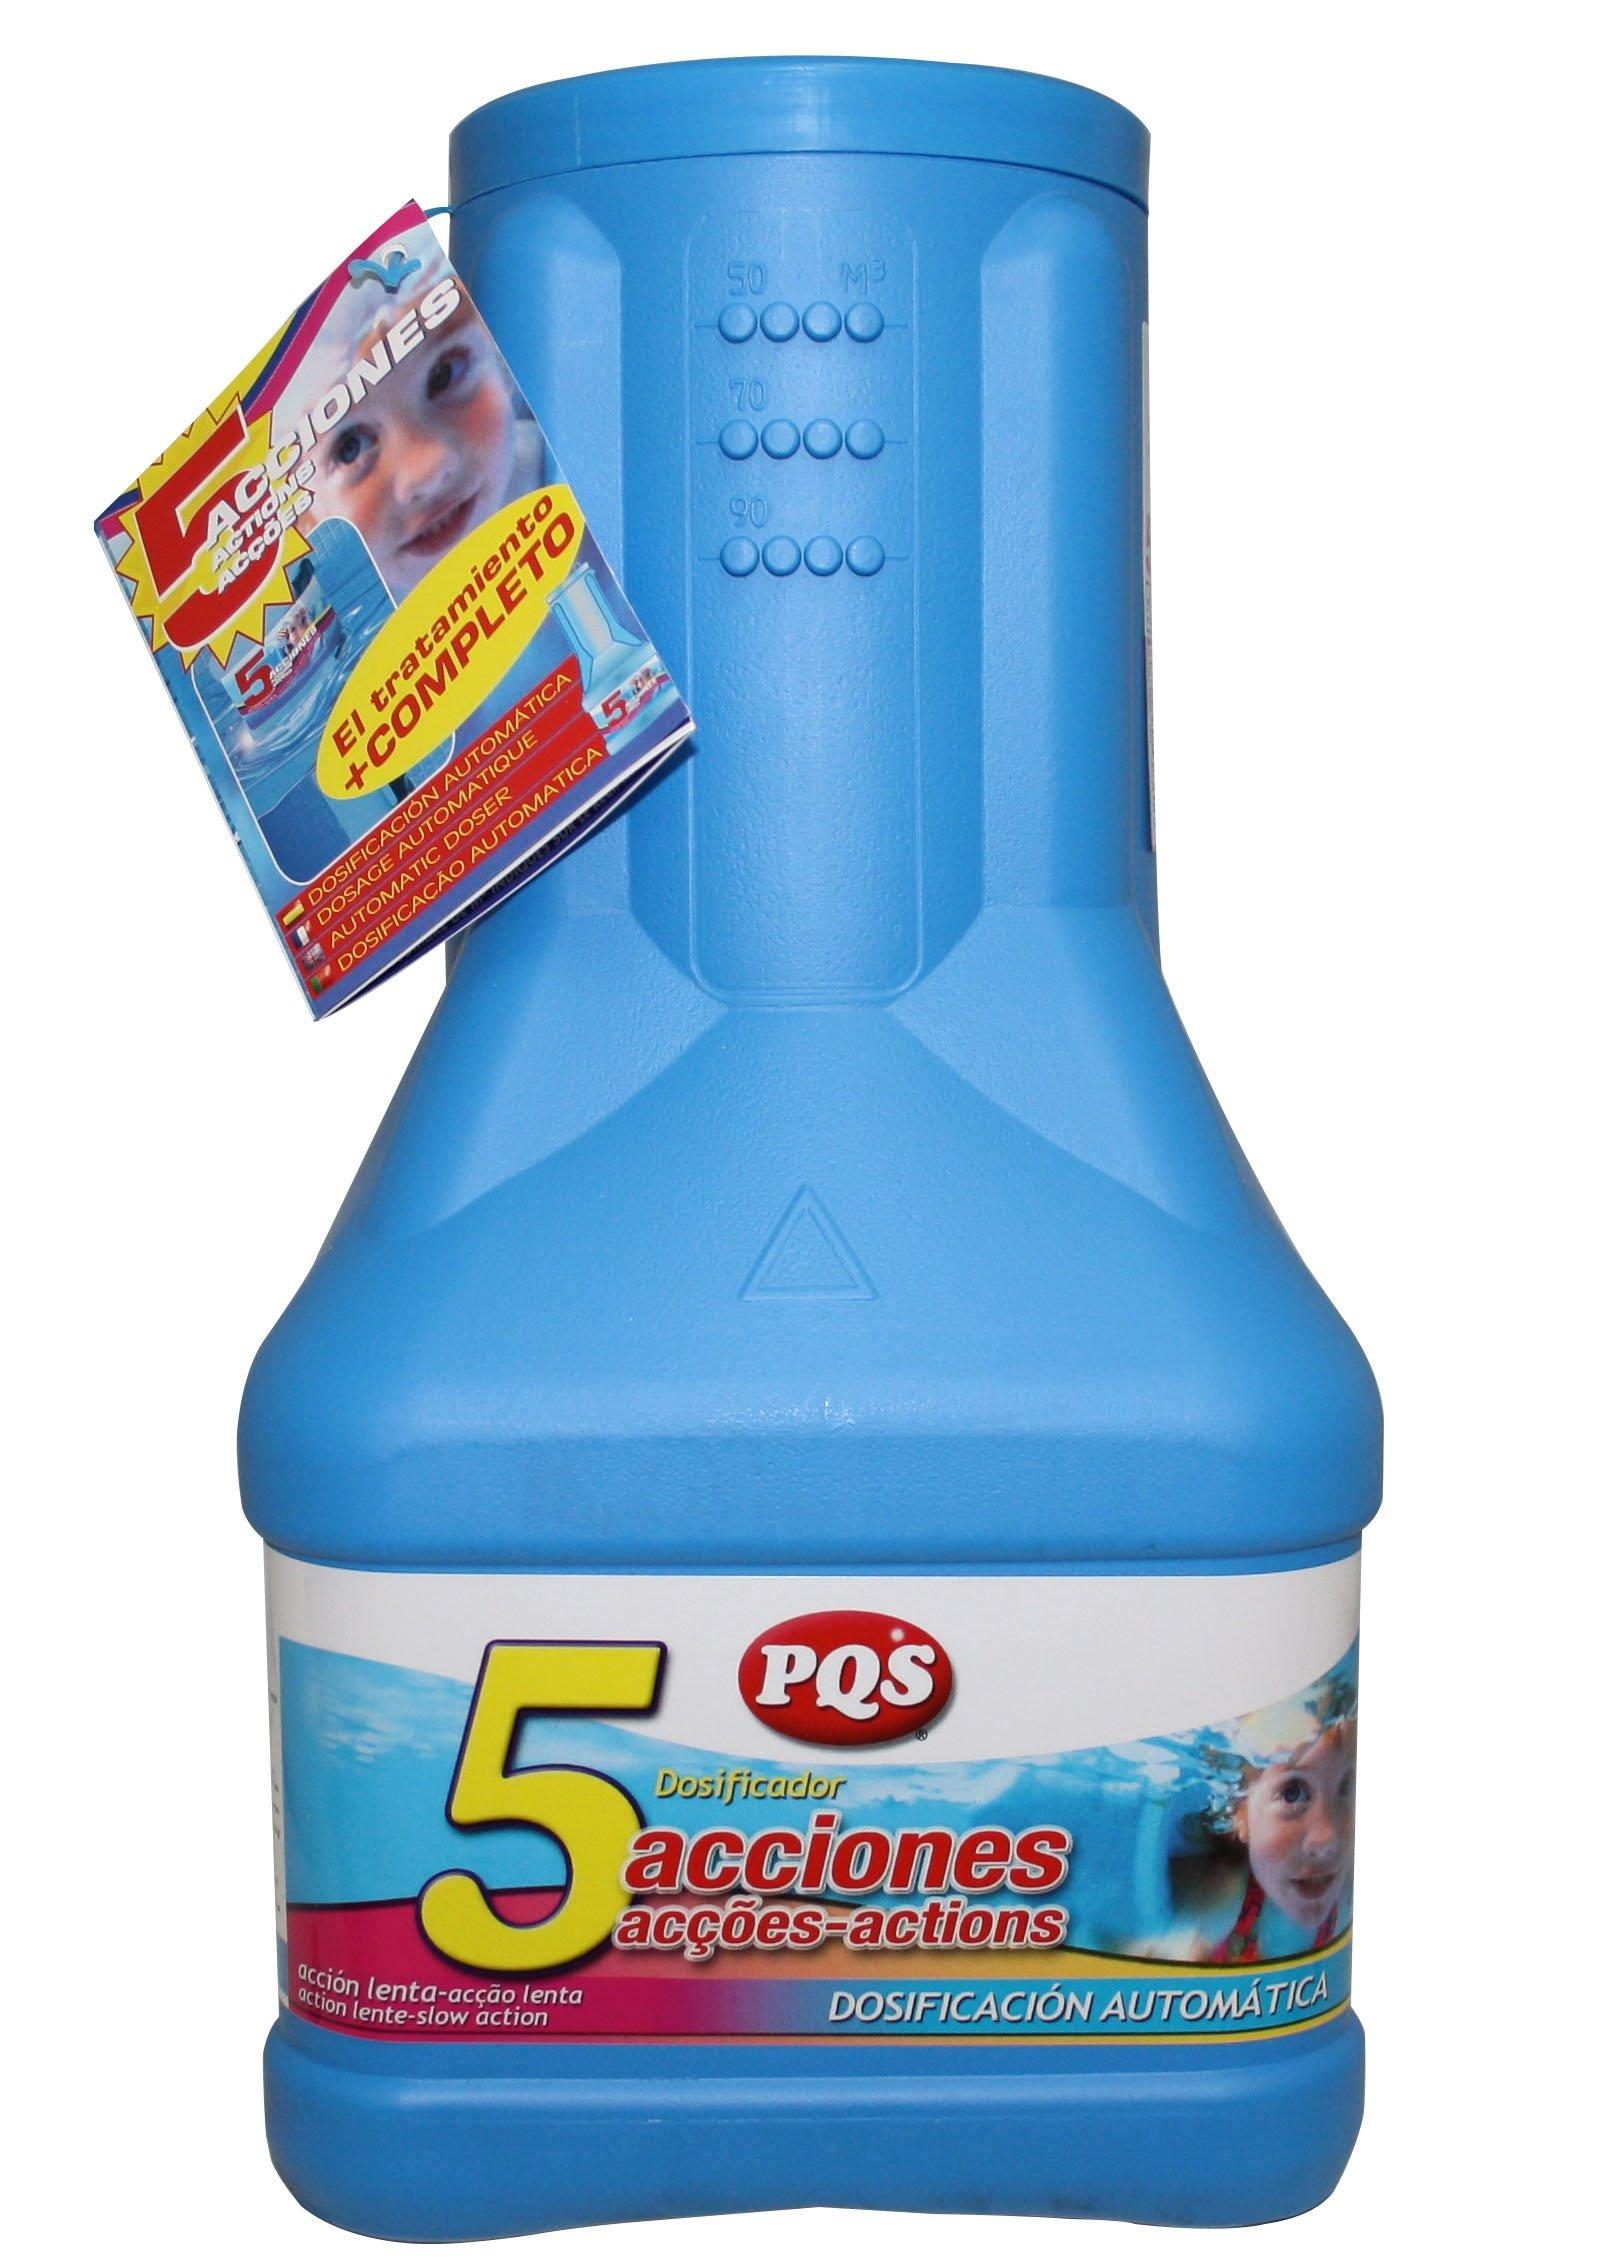 PQS- 11532 - Dosificador 5 acciones acción lenta: Desinfectante ...